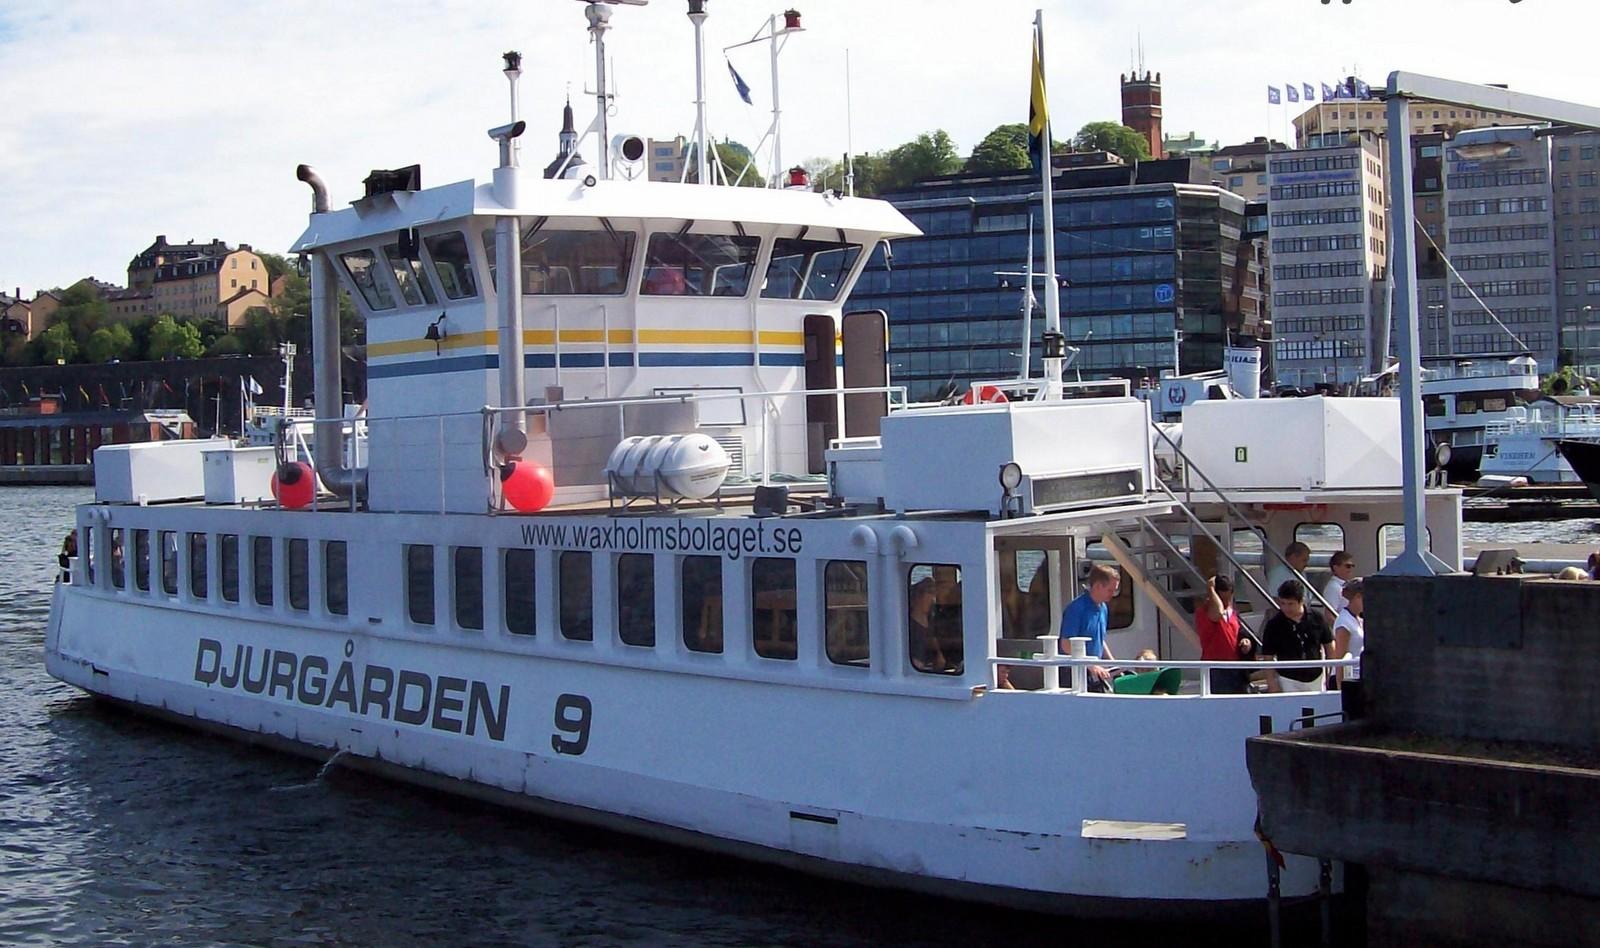 MS Djurgarden 9